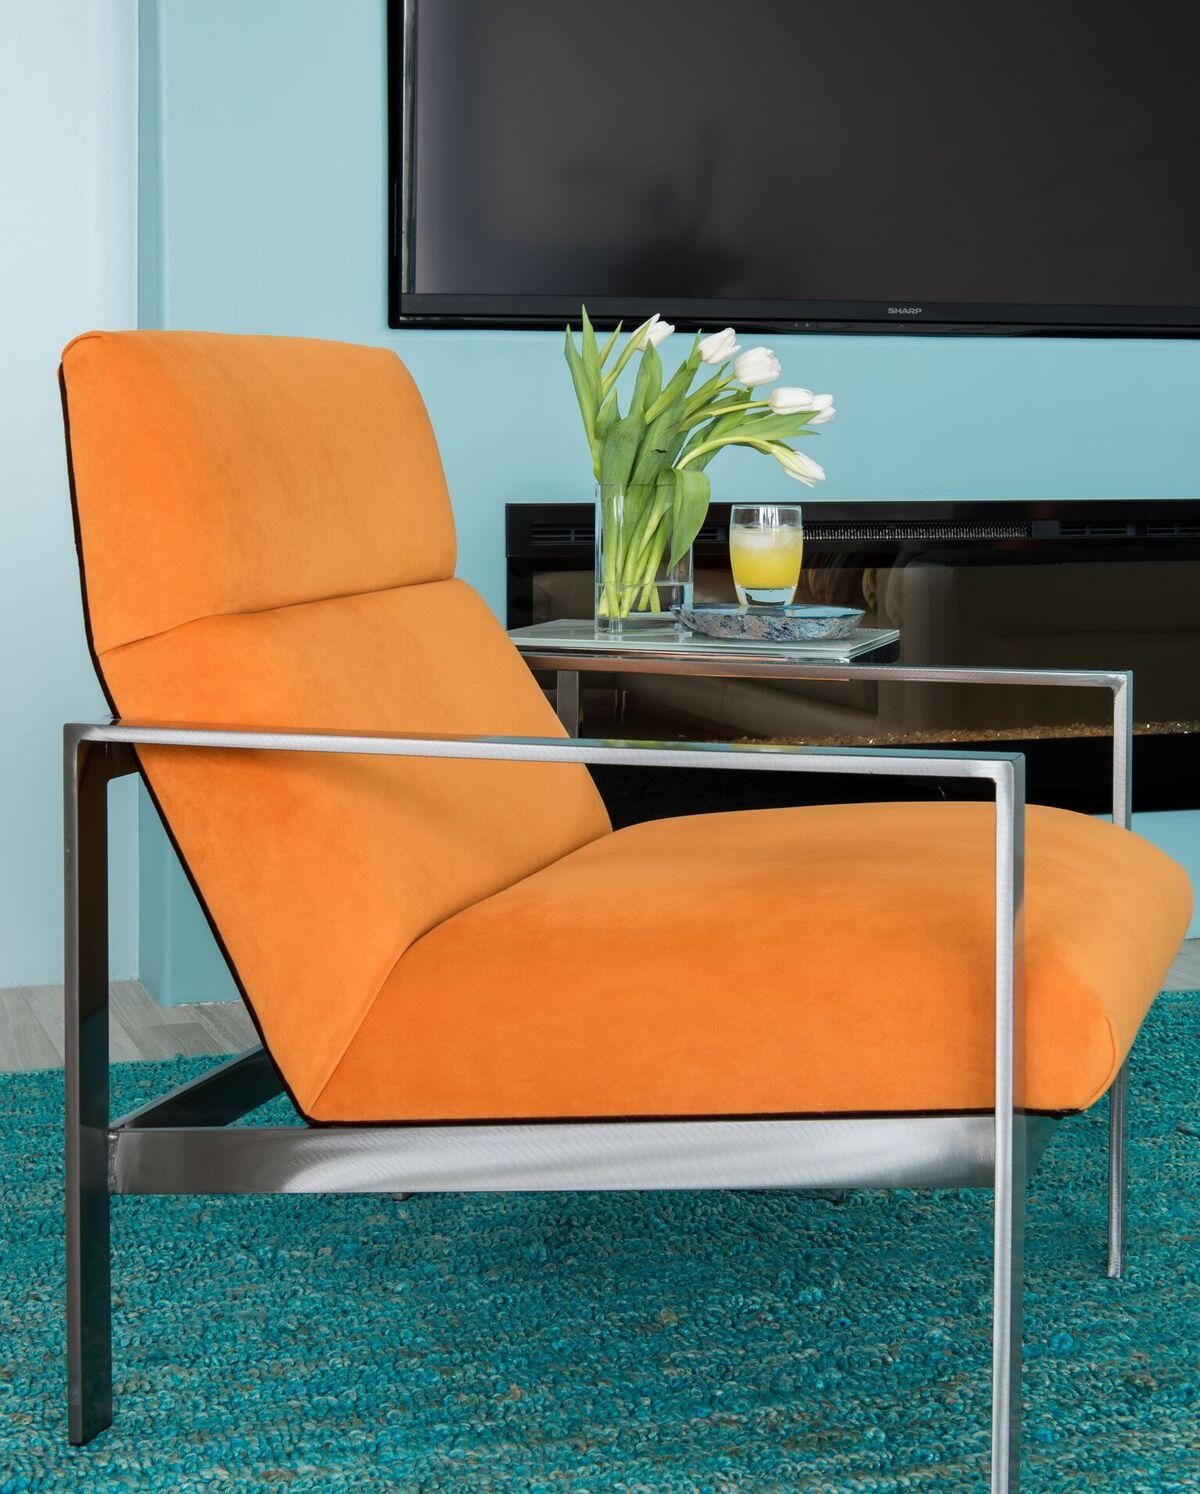 Modern Orange Chair